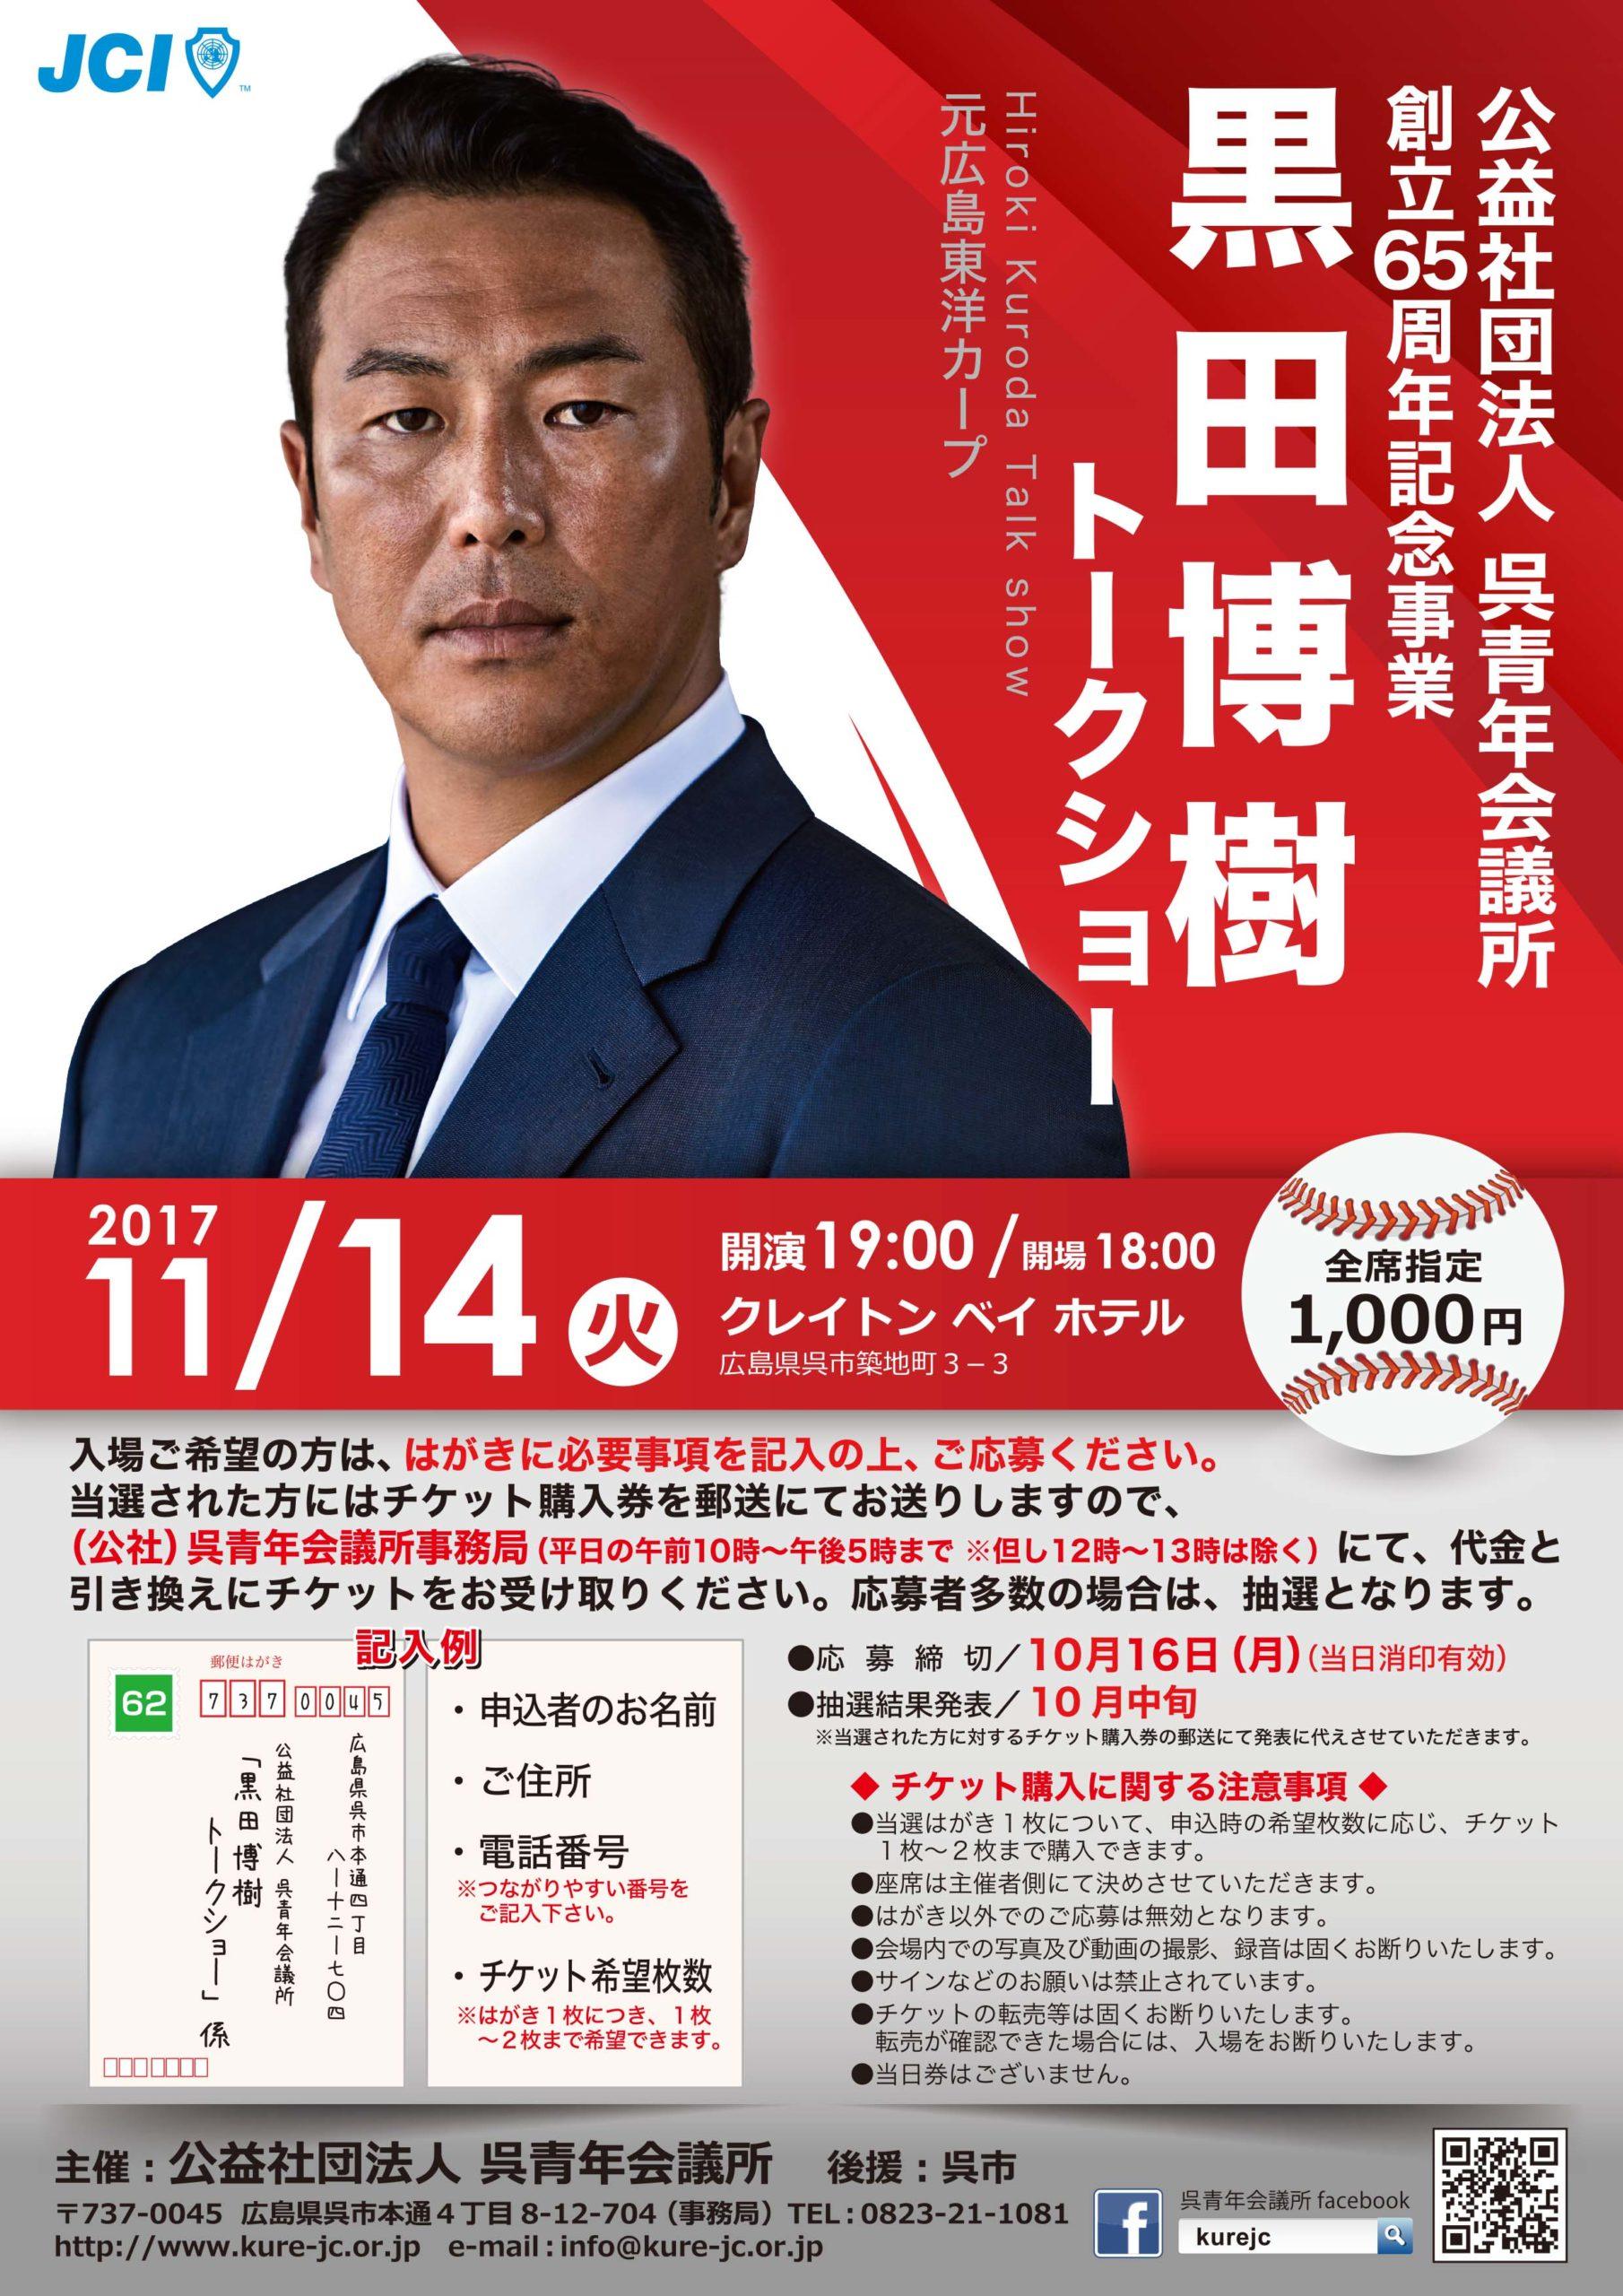 2017.11.14 創立65周年記念事業 黒田博樹トークショー